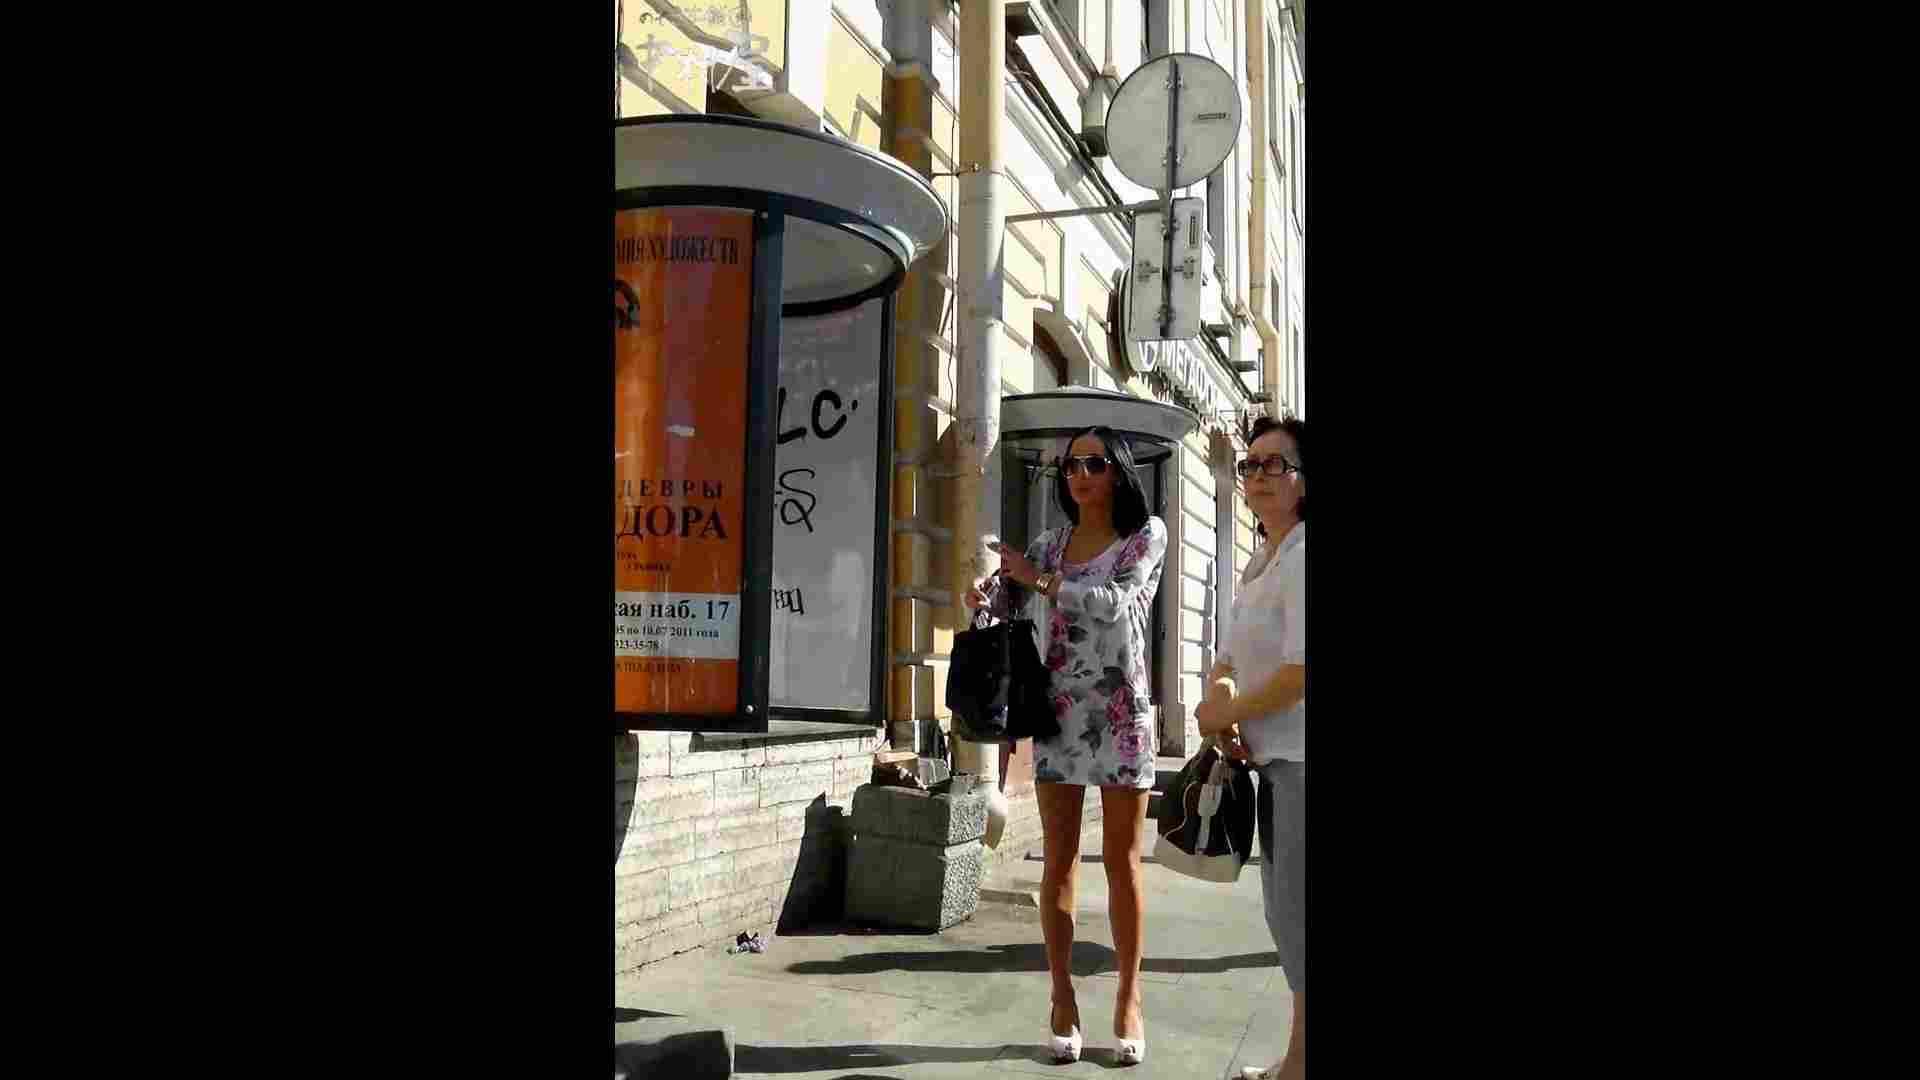 綺麗なモデルさんのスカート捲っちゃおう‼ vol18 お姉さんヌード   OLセックス  81画像 3